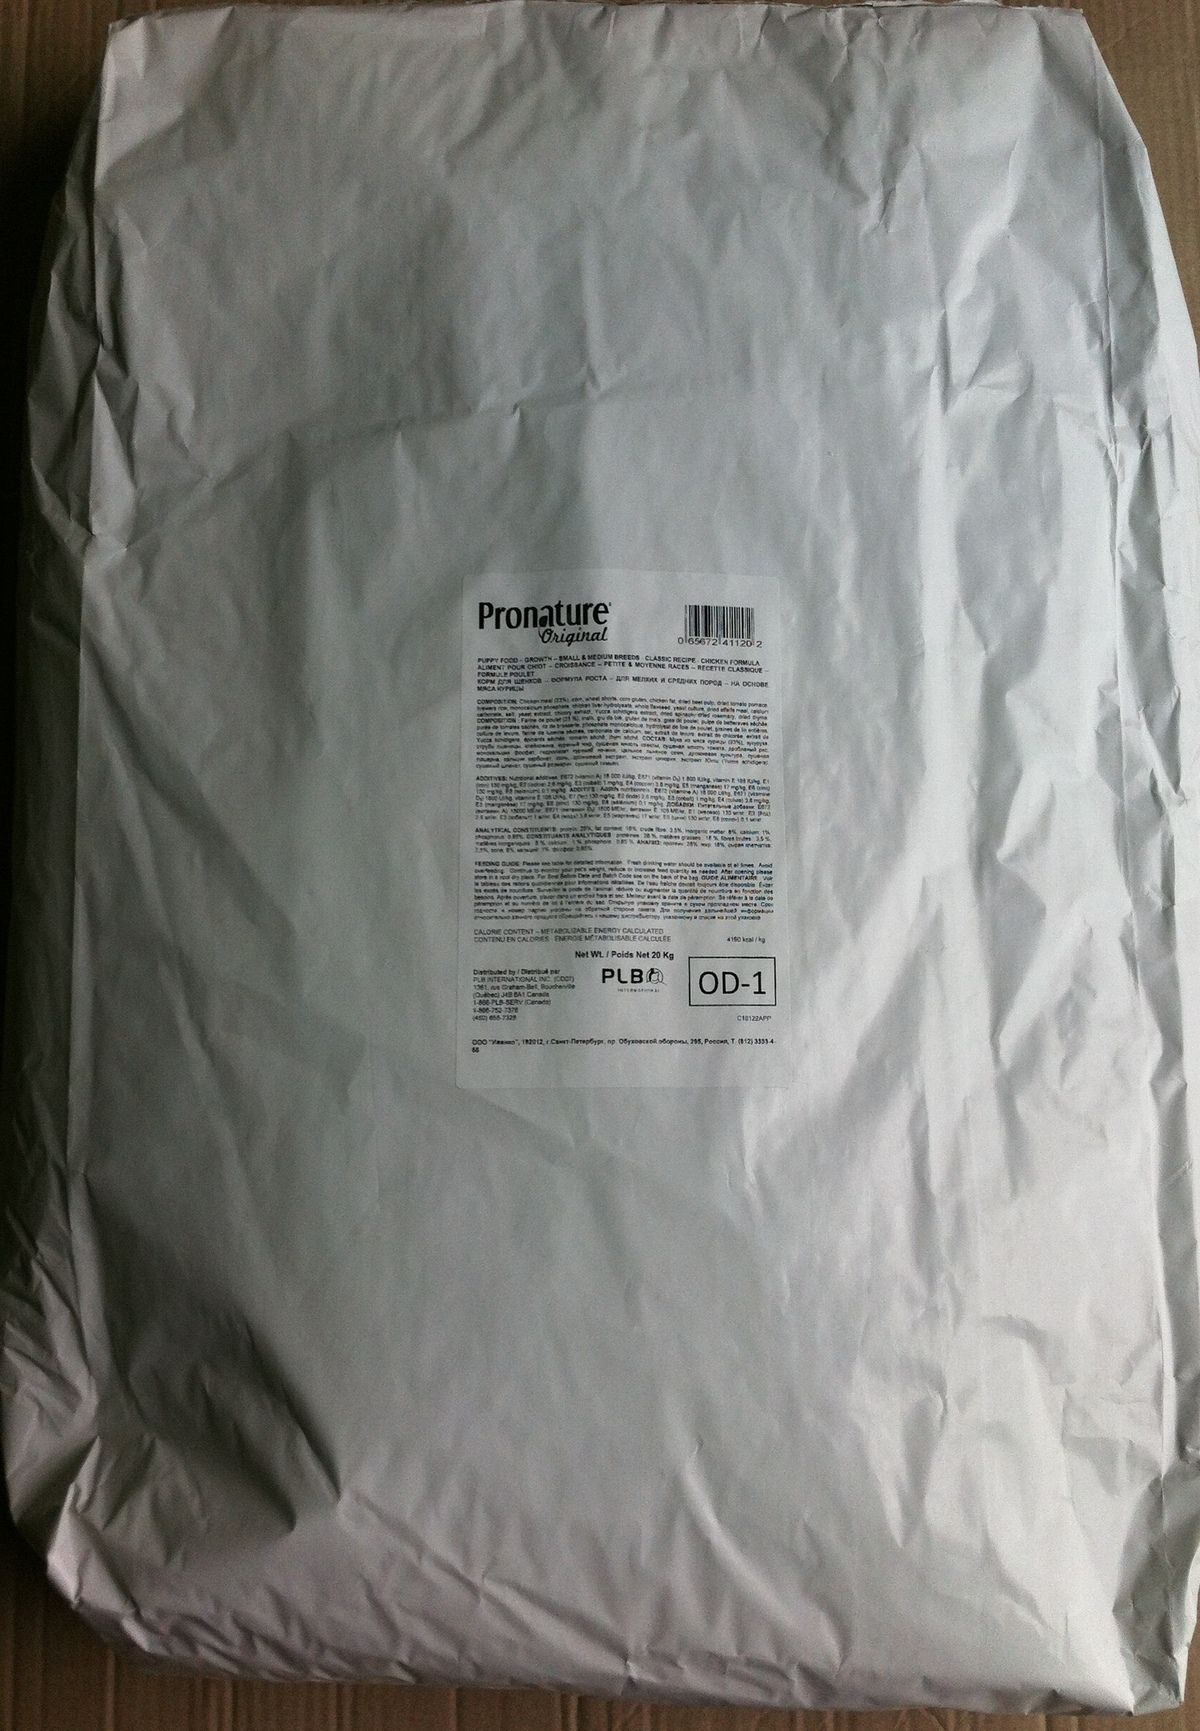 Корм Пронатюр 28  для щенков мелких и средних пород, цыпленок  20 кгПовседневные корма<br><br><br>Артикул: 102.569<br>Бренд: Pronature<br>Вид: Сухие<br>Высота упаковки (мм): 0,13<br>Длина упаковки (мм): 0,72<br>Ширина упаковки (мм): 0,47<br>Вес брутто (кг): 20<br>Страна-изготовитель: Канада<br>Вес упаковки (кг): 20<br>Размер/порода: Малые и средние<br>Ингредиенты: Кура<br>Для кого: Собаки